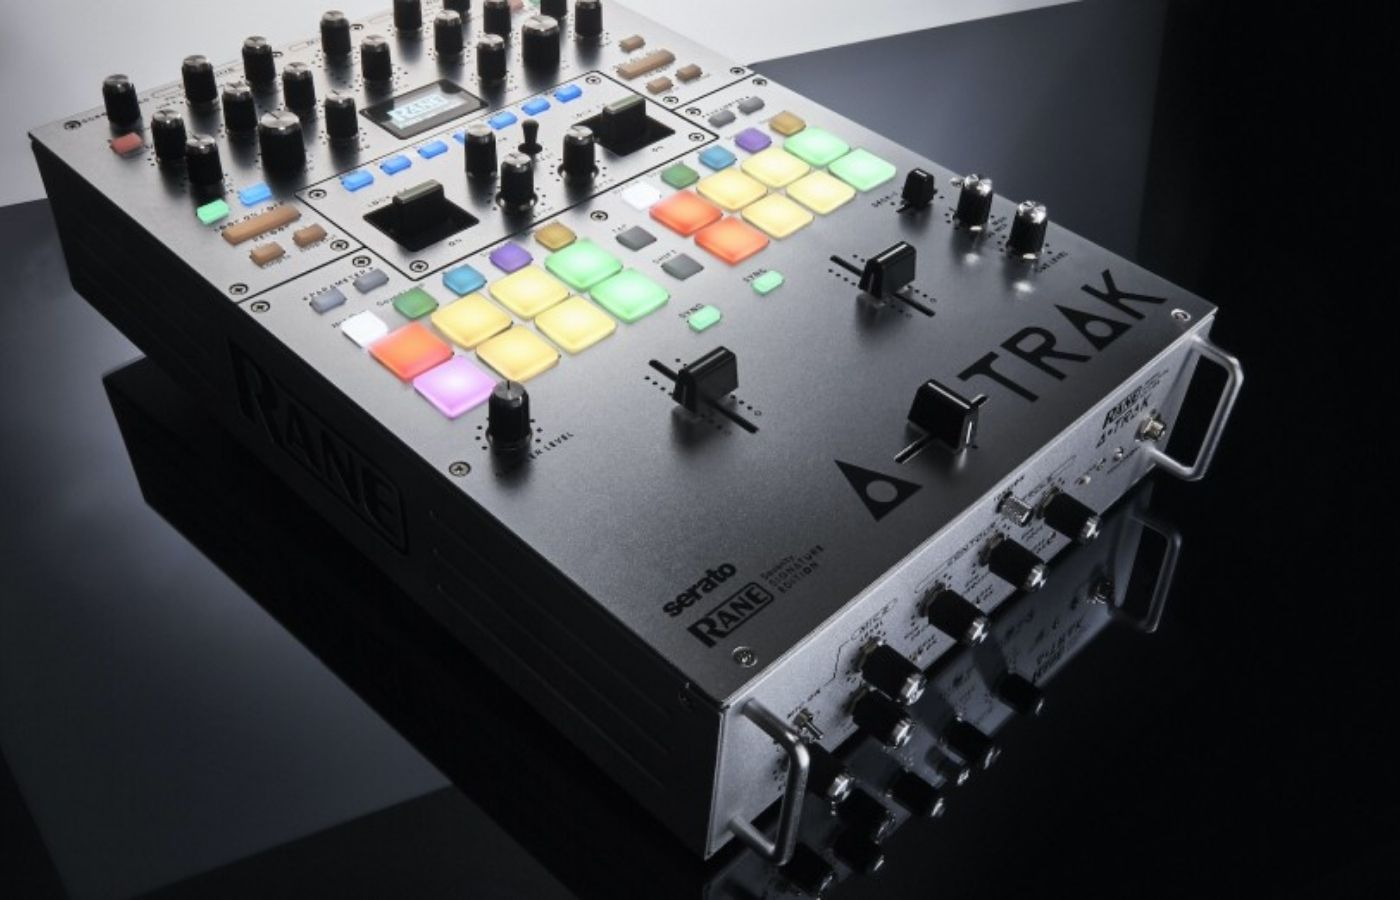 A-Trak y RANE finalmente anunciaron su nuevo mixer para batallas